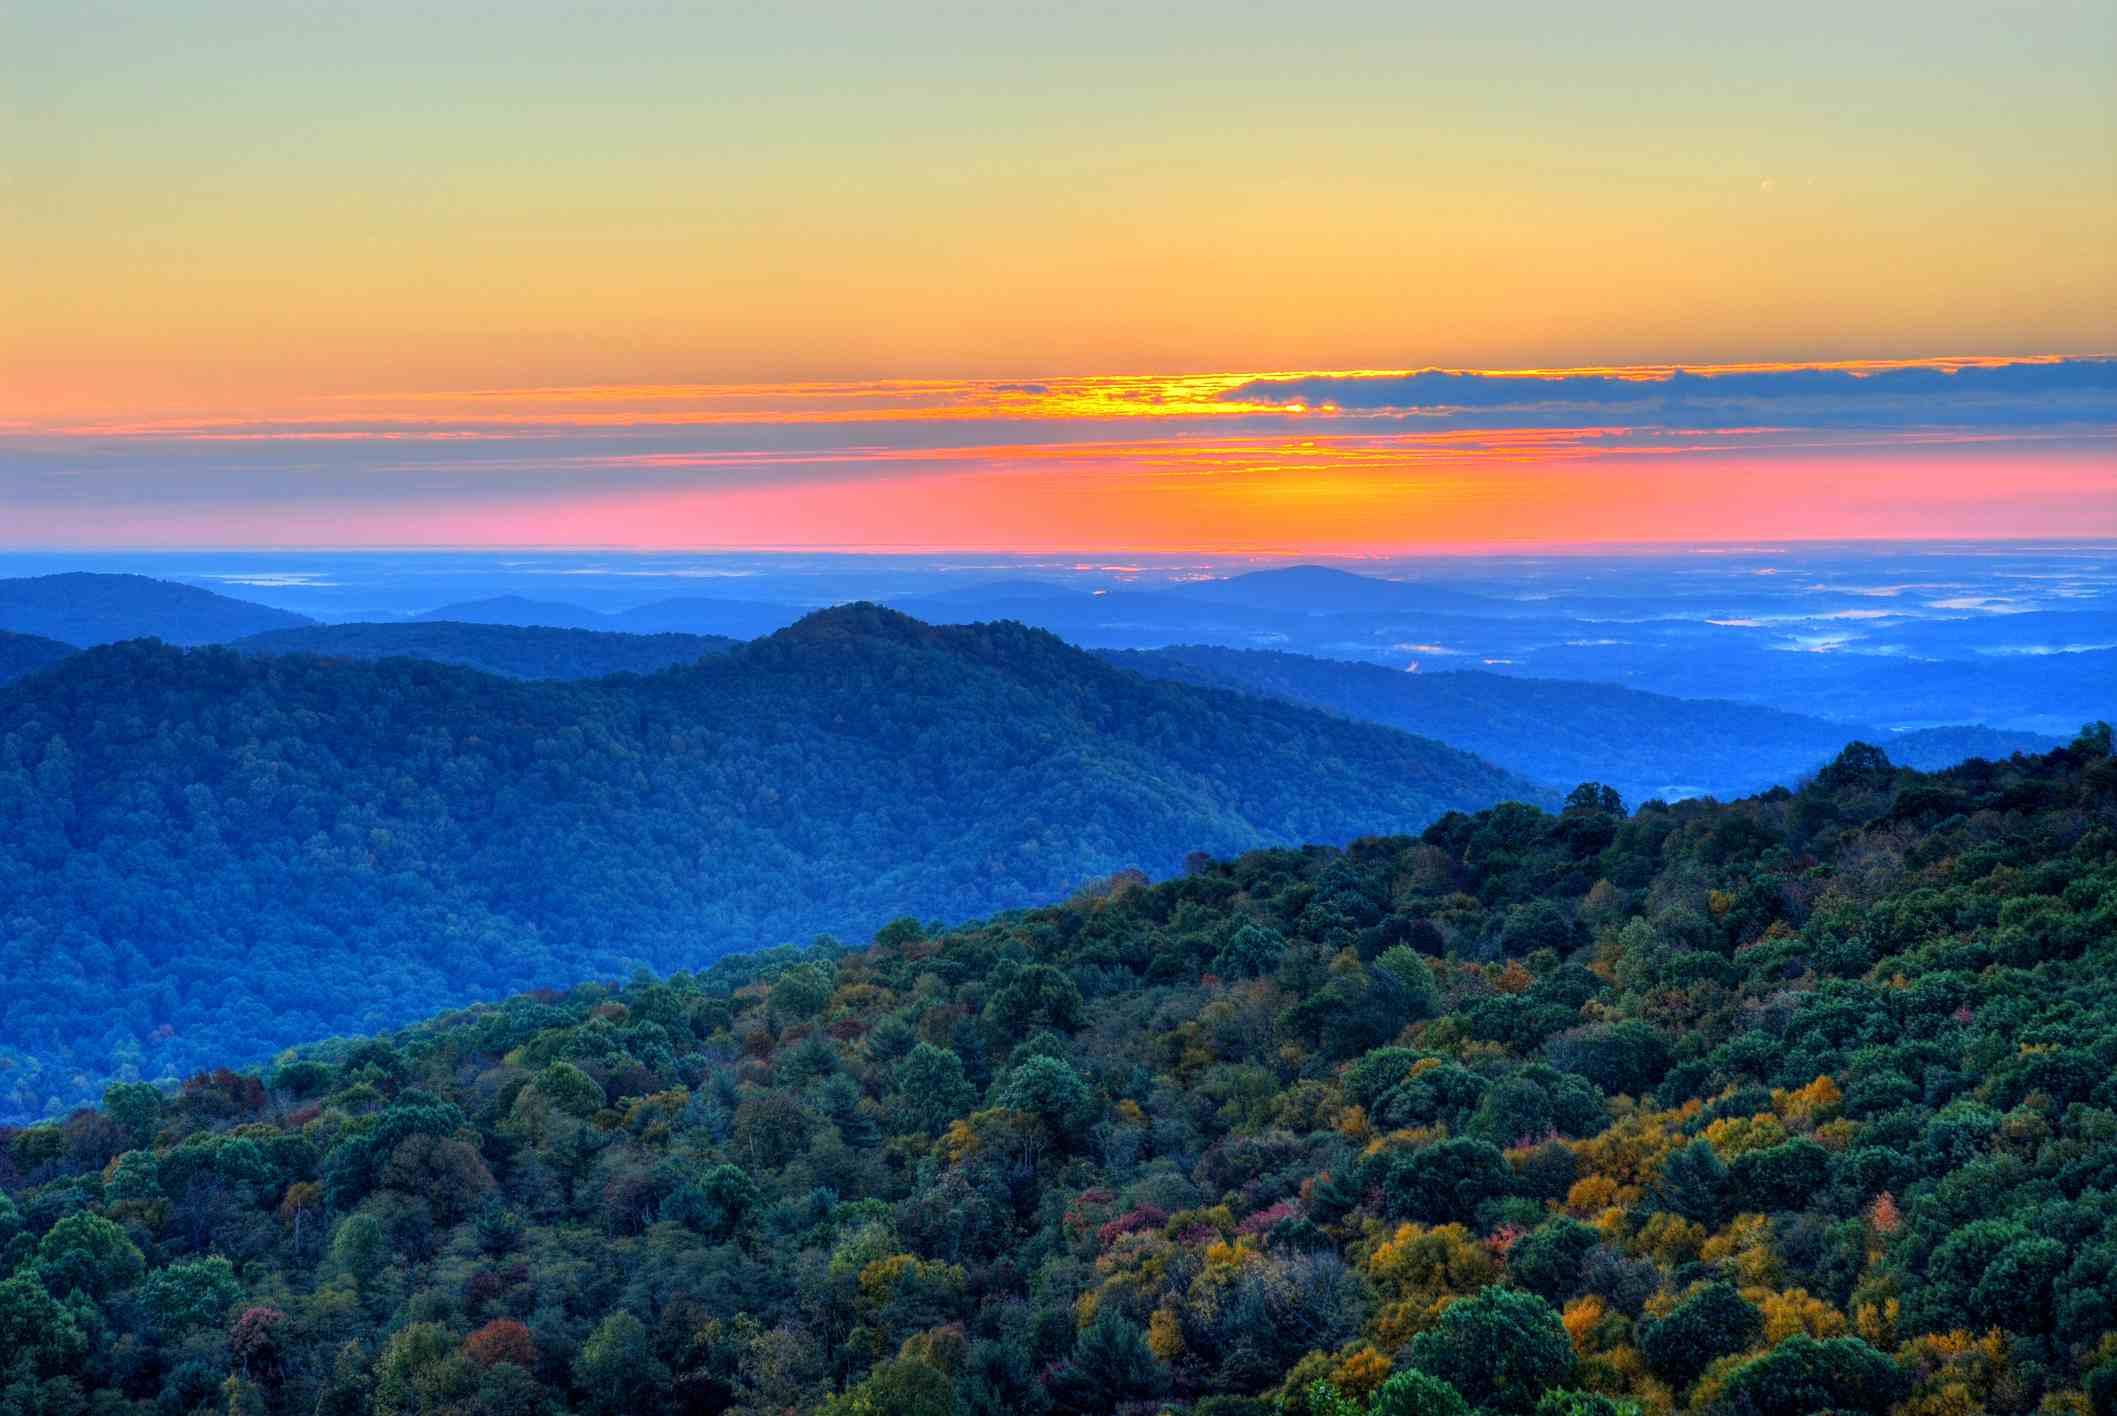 Parque nacional Shenandoah